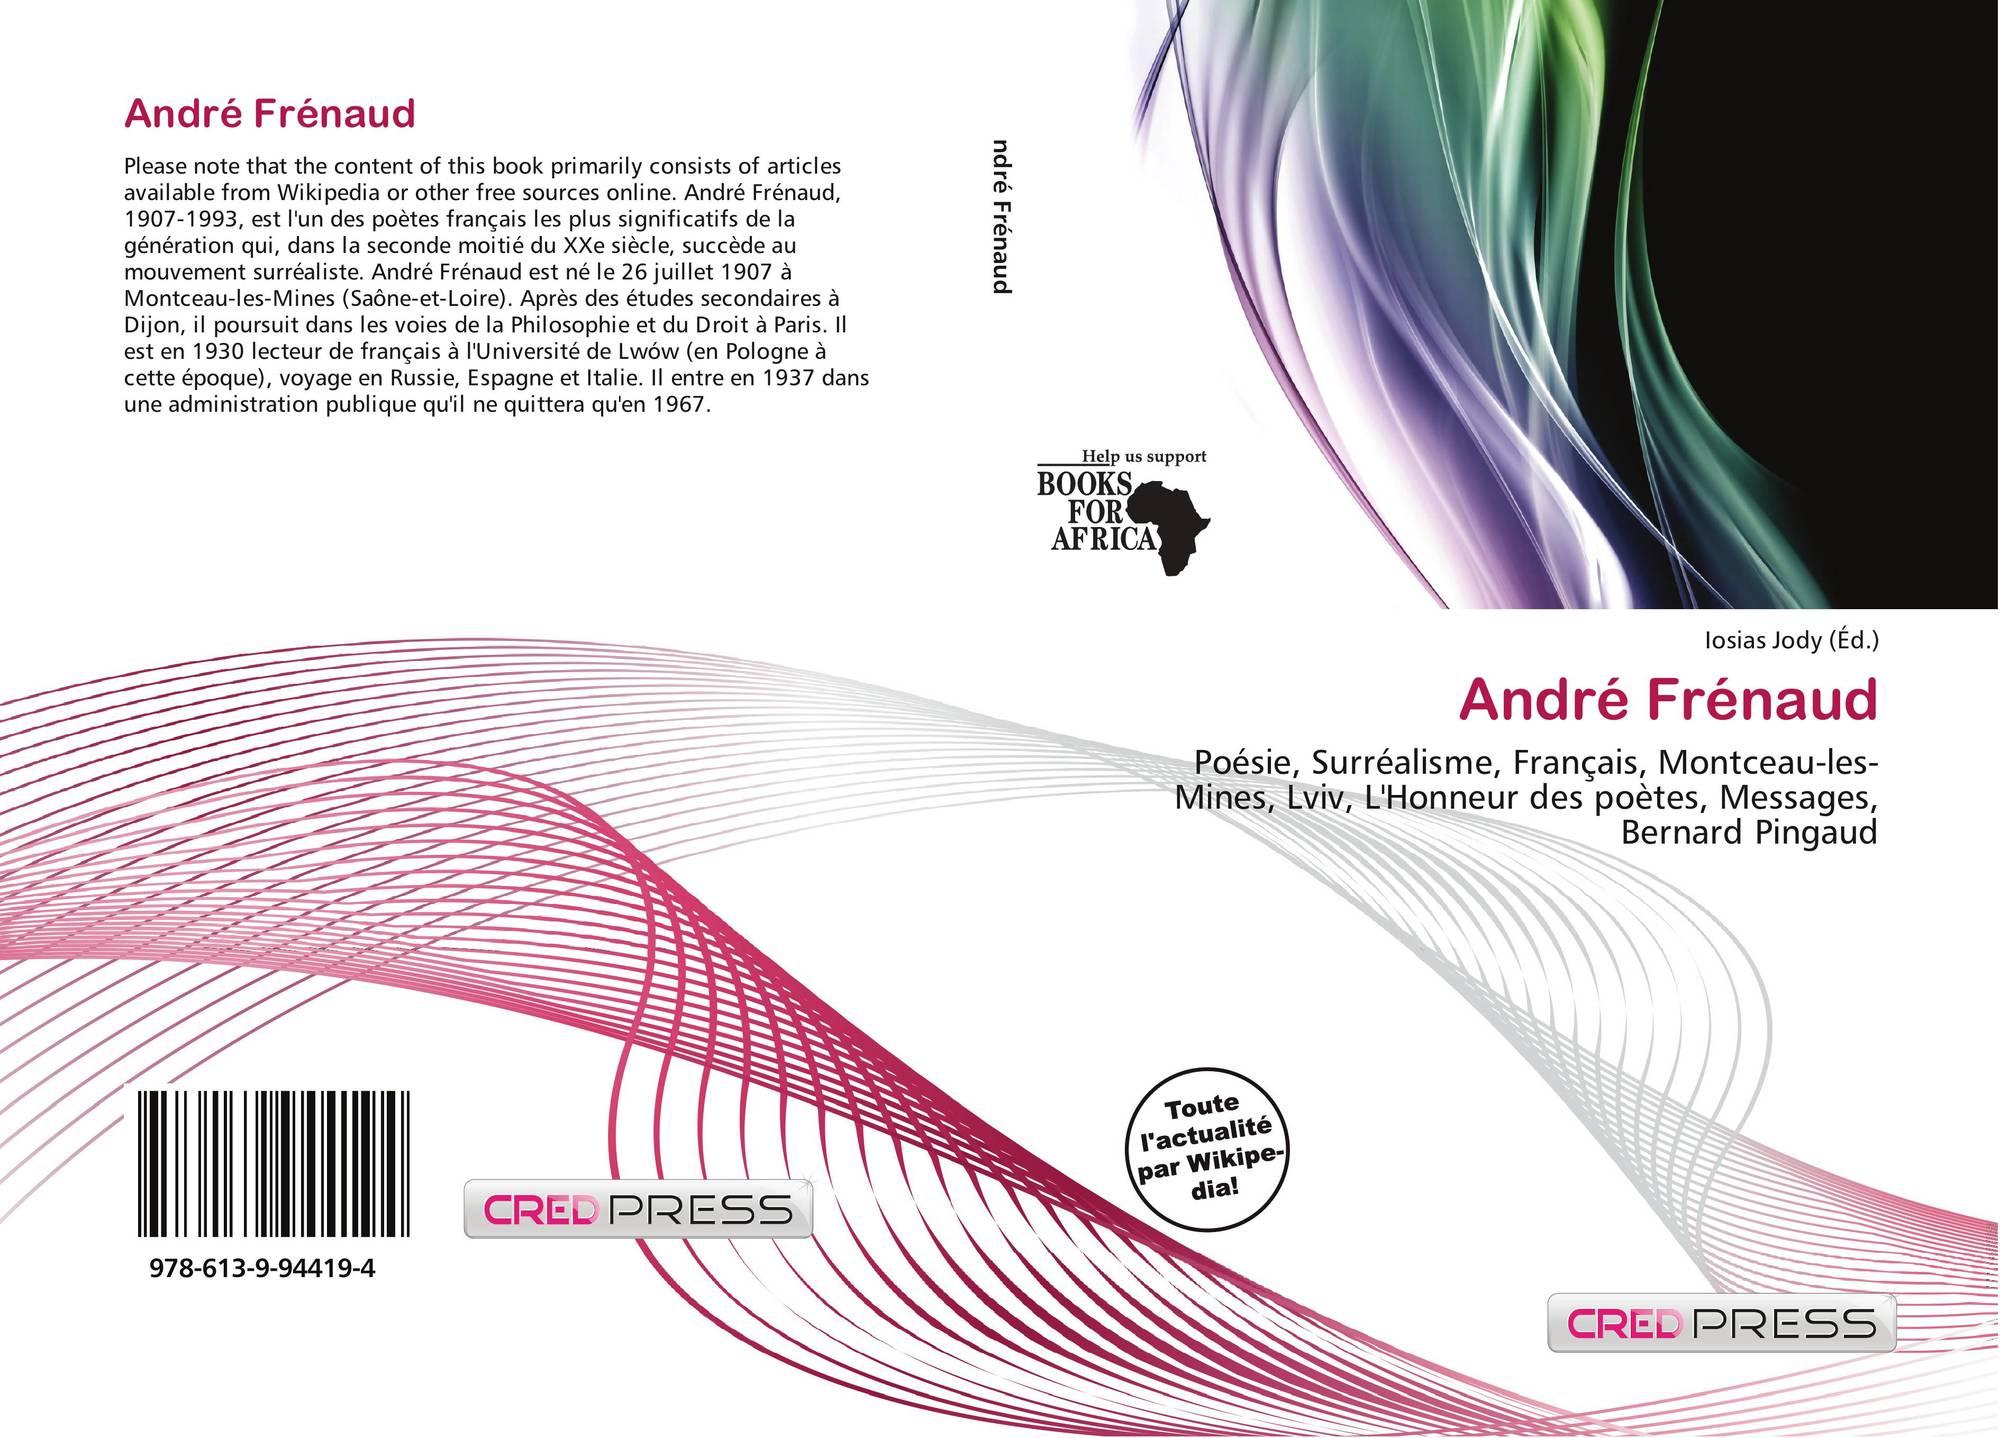 André Frénaud 978 613 9 94419 4 6139944198 9786139944194